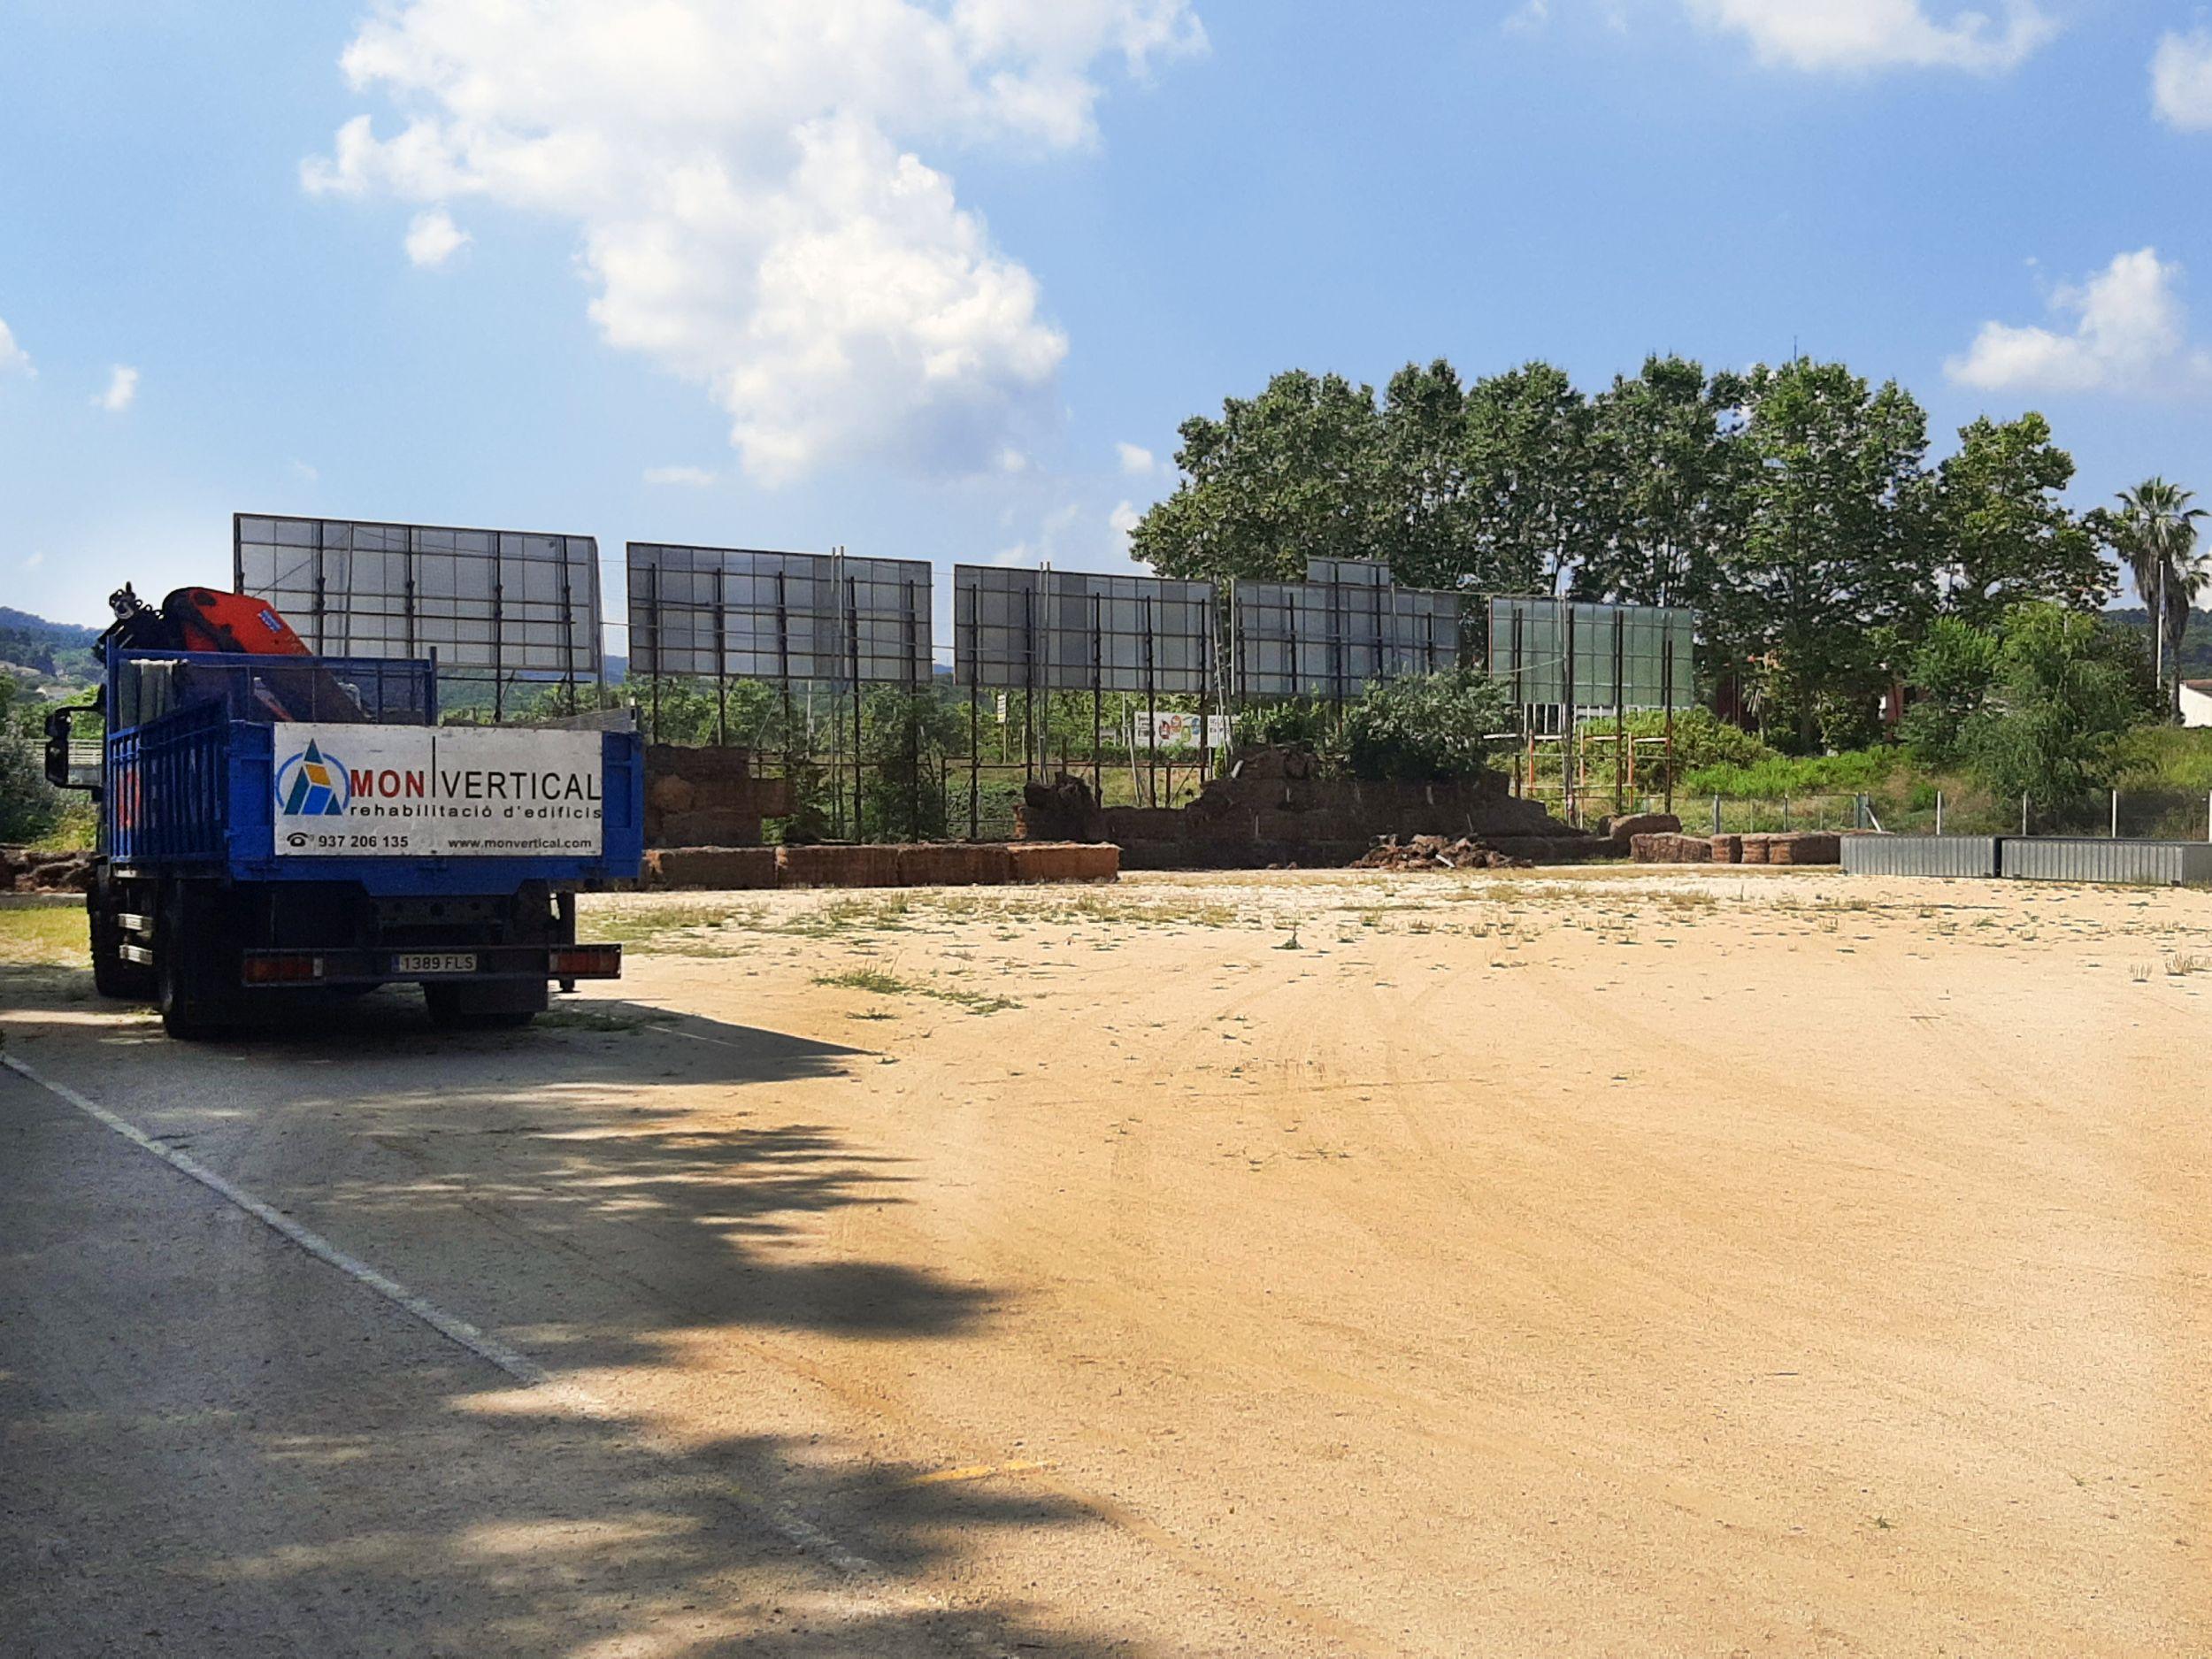 Ja s'ha procedit a retirar les bales de palla per col·locar la tanca de fusta de protecció